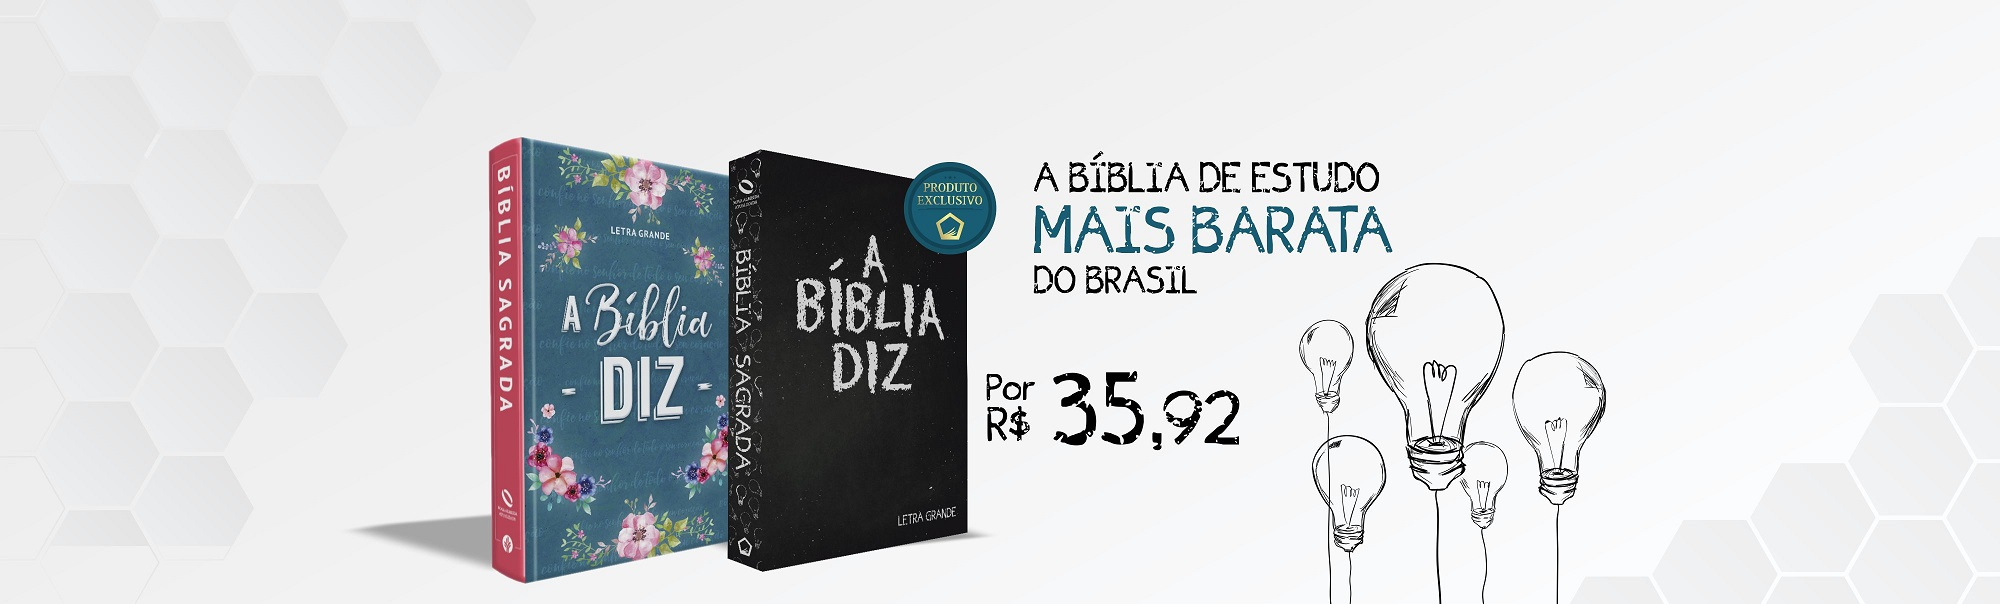 A Bíblia Diz - Bíblia de Estudo Barata | Livraria Evangélica Emmerick